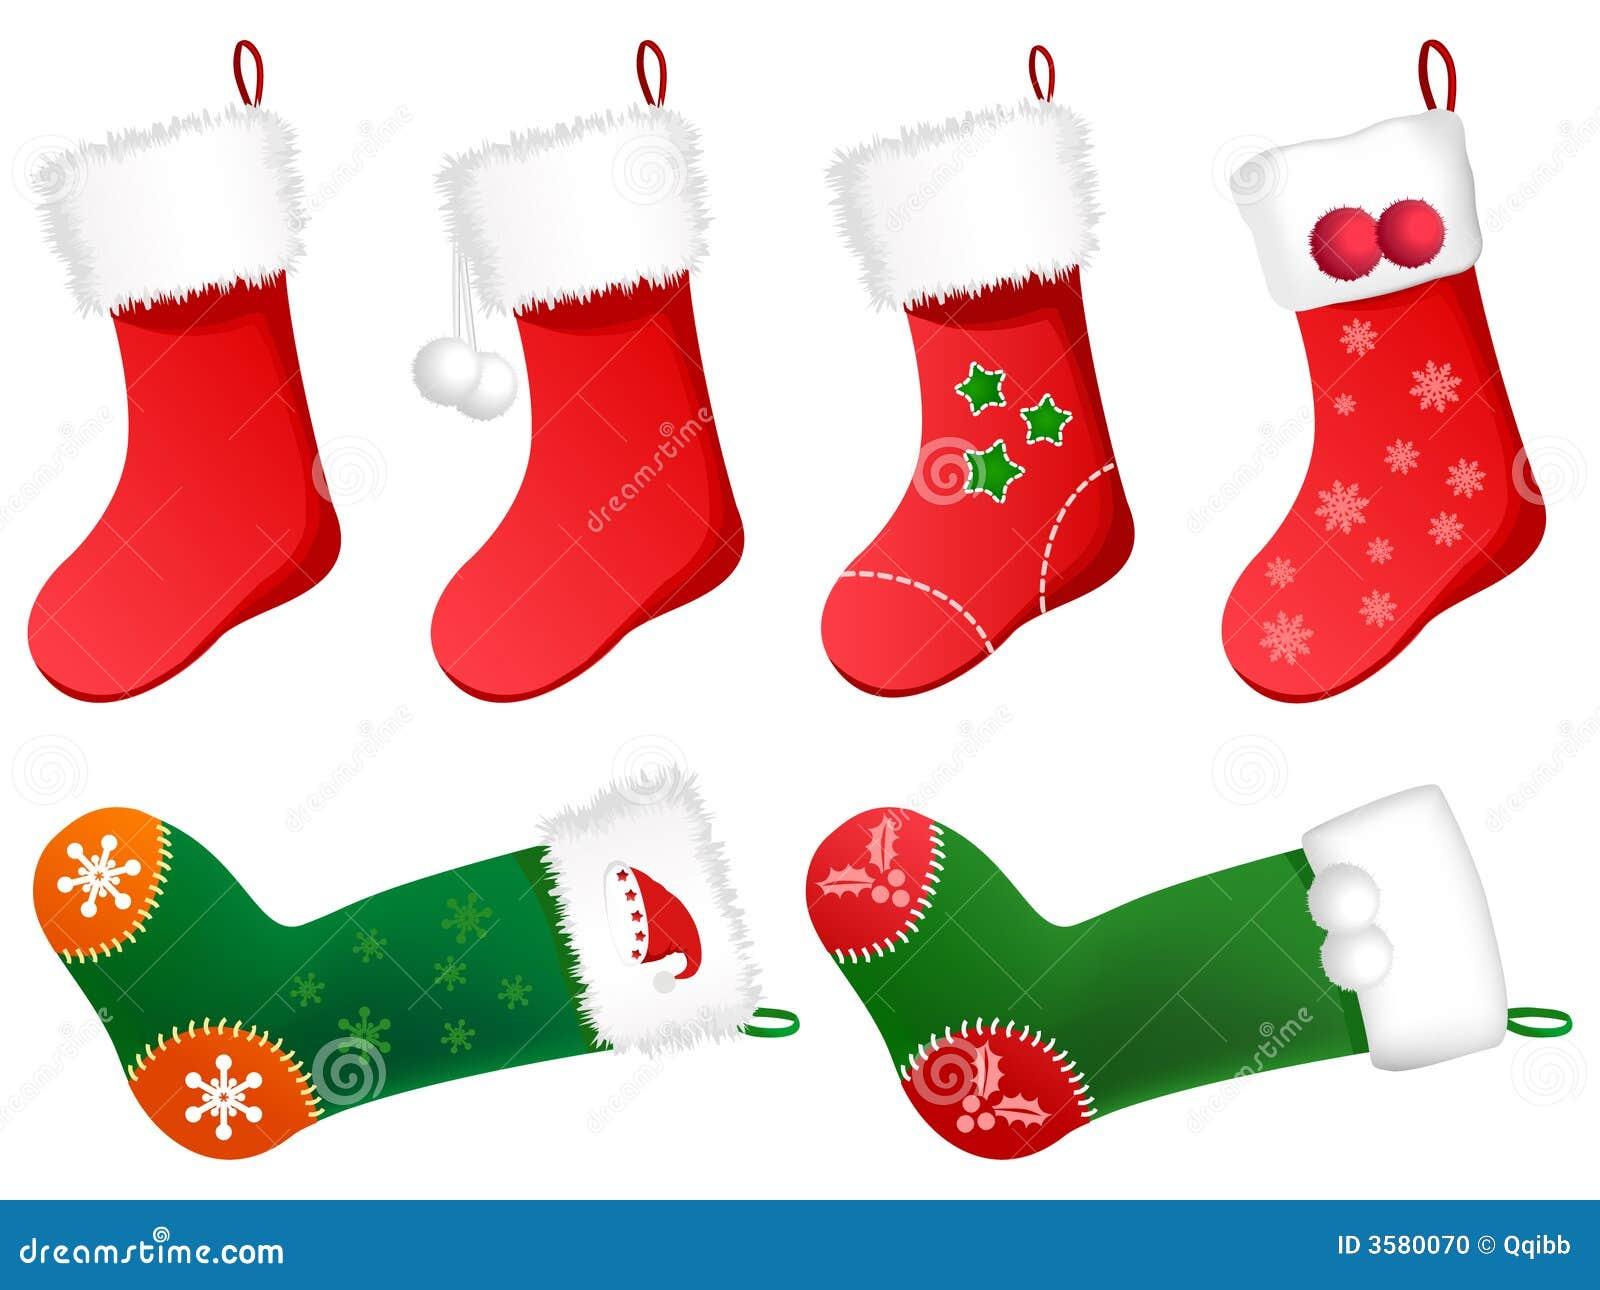 Cute Christmas Stockings Stock Photo - Image: 3580070